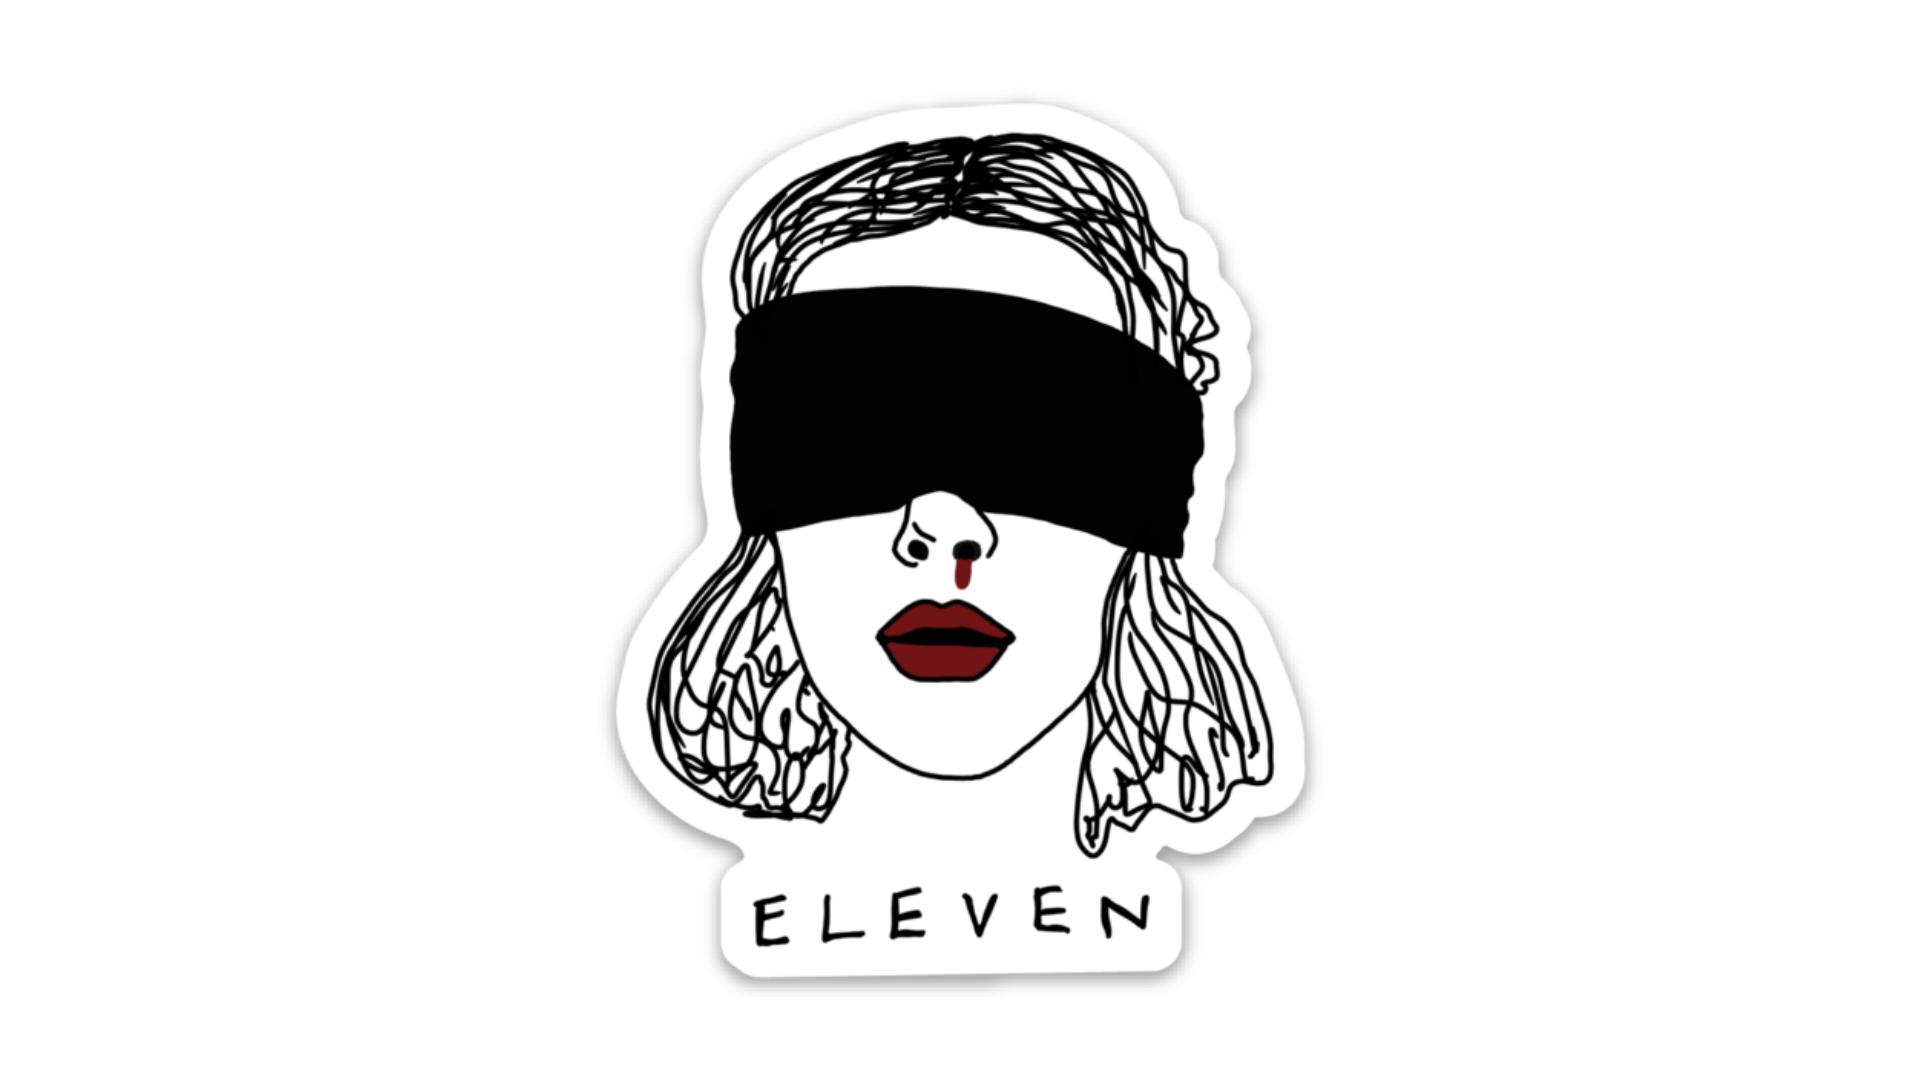 Stranger Things Eleven Sticker Pegatinas Bonitas Pegatinas Imprimibles Pegatinas Wallpaper